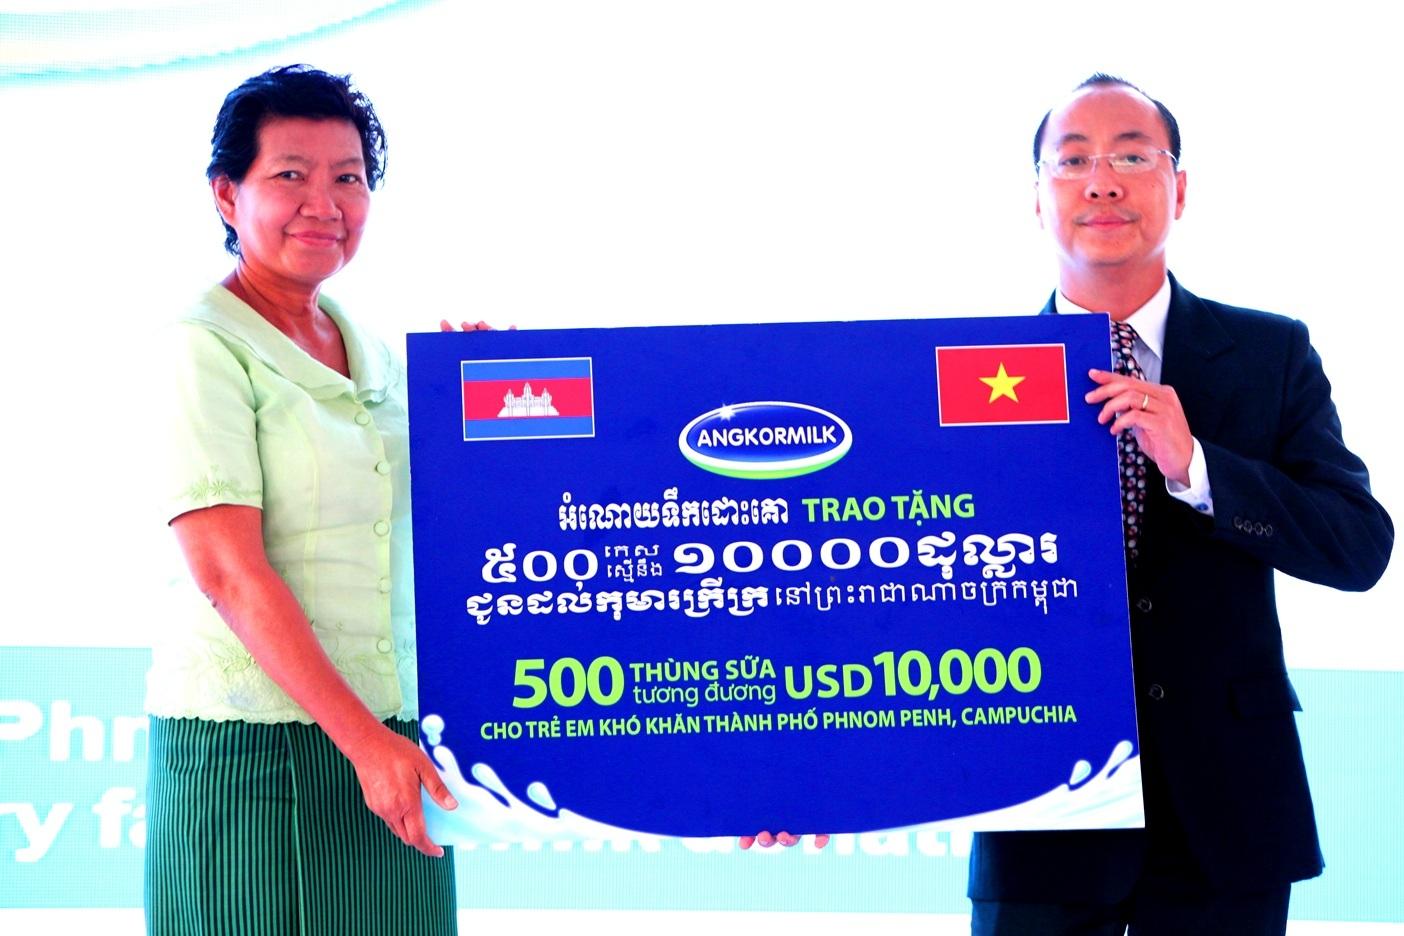 Tại chương trình, ông Đoàn Quốc Khánh – Tổng Giám đốc Nhà máy Sữa Angkor đại diện Nhà máy đã gửi đến cho trẻ em nghèo của Phnom Penh 500 thùng sữa nước trị giá tương đương 10.000 USD để góp phần cải thiện tình trạng dinh dưỡng cho trẻ em Campuchia